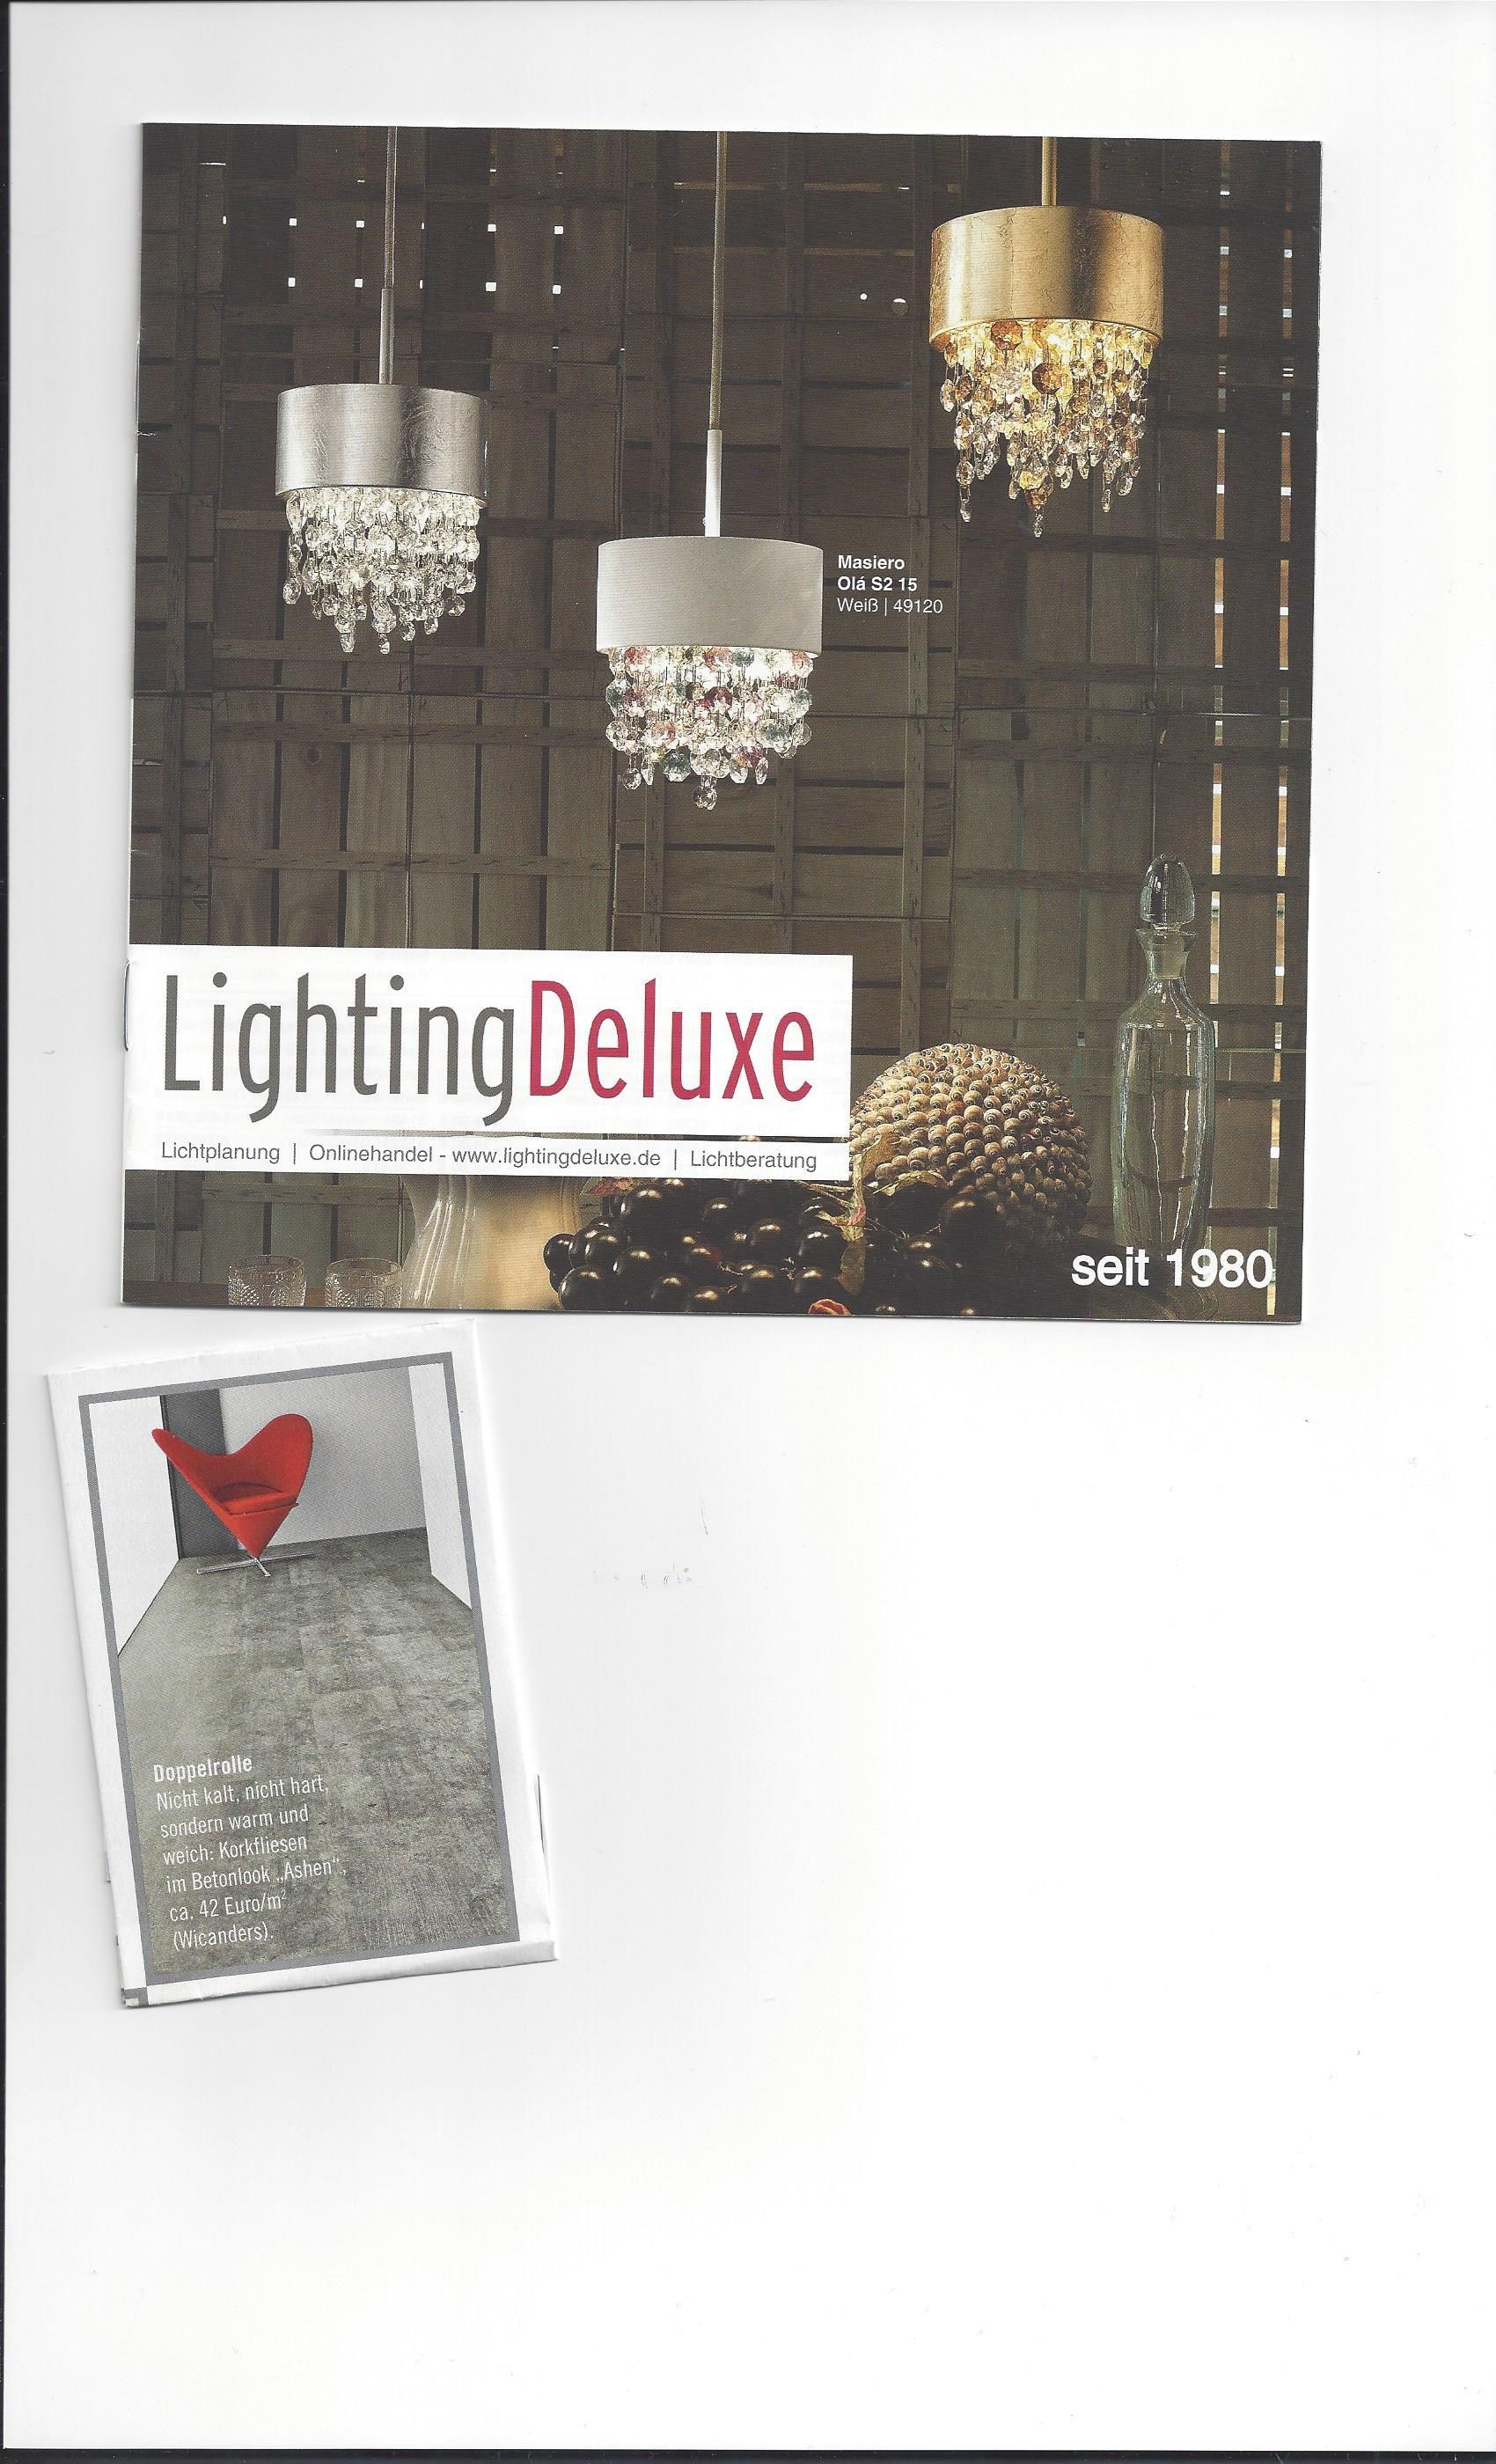 die besten 25 korkfliesen ideen auf pinterest badezimmer spritzschutz badezimmer obi und parkett. Black Bedroom Furniture Sets. Home Design Ideas